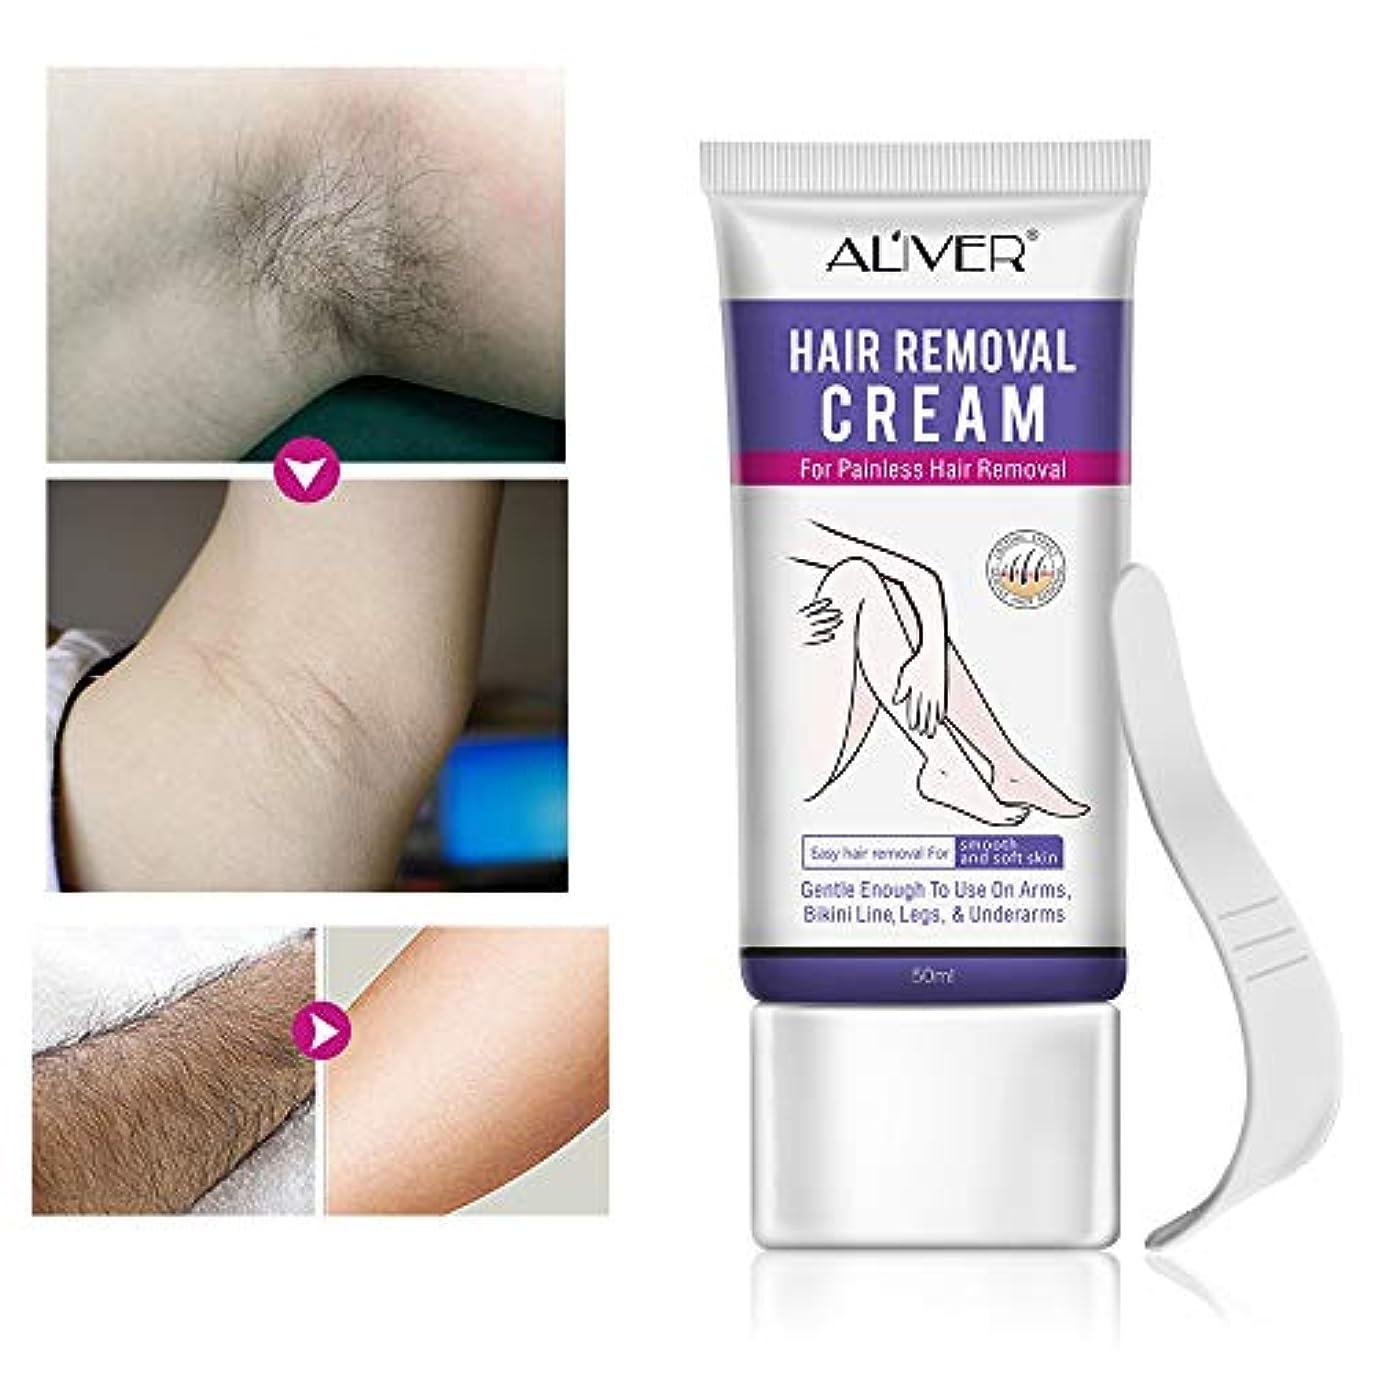 同情個人一時停止WenVann 50ml脱毛クリームはマイルドで毛足を刺激しませんボディケアは肌を傷つけません